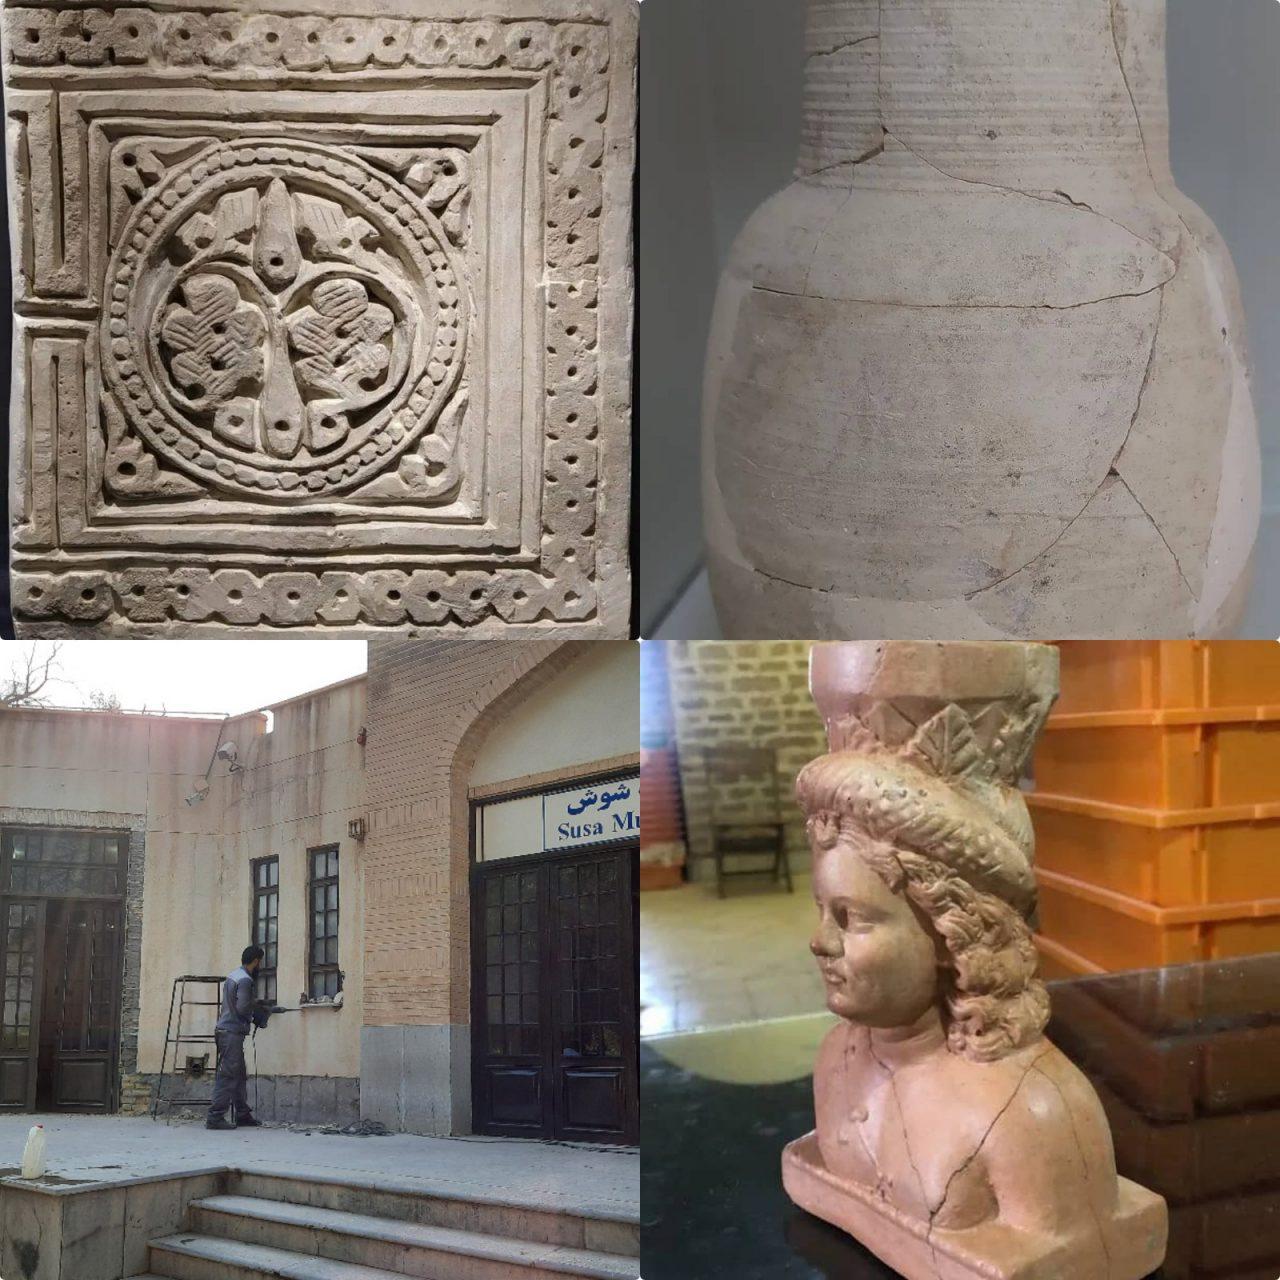 1630558627196 1280x1280 مرمت ۹۰ شیء تاریخی در پایگاه میراثجهانی شوش / پیگیری روند بهسازی موزه شوش